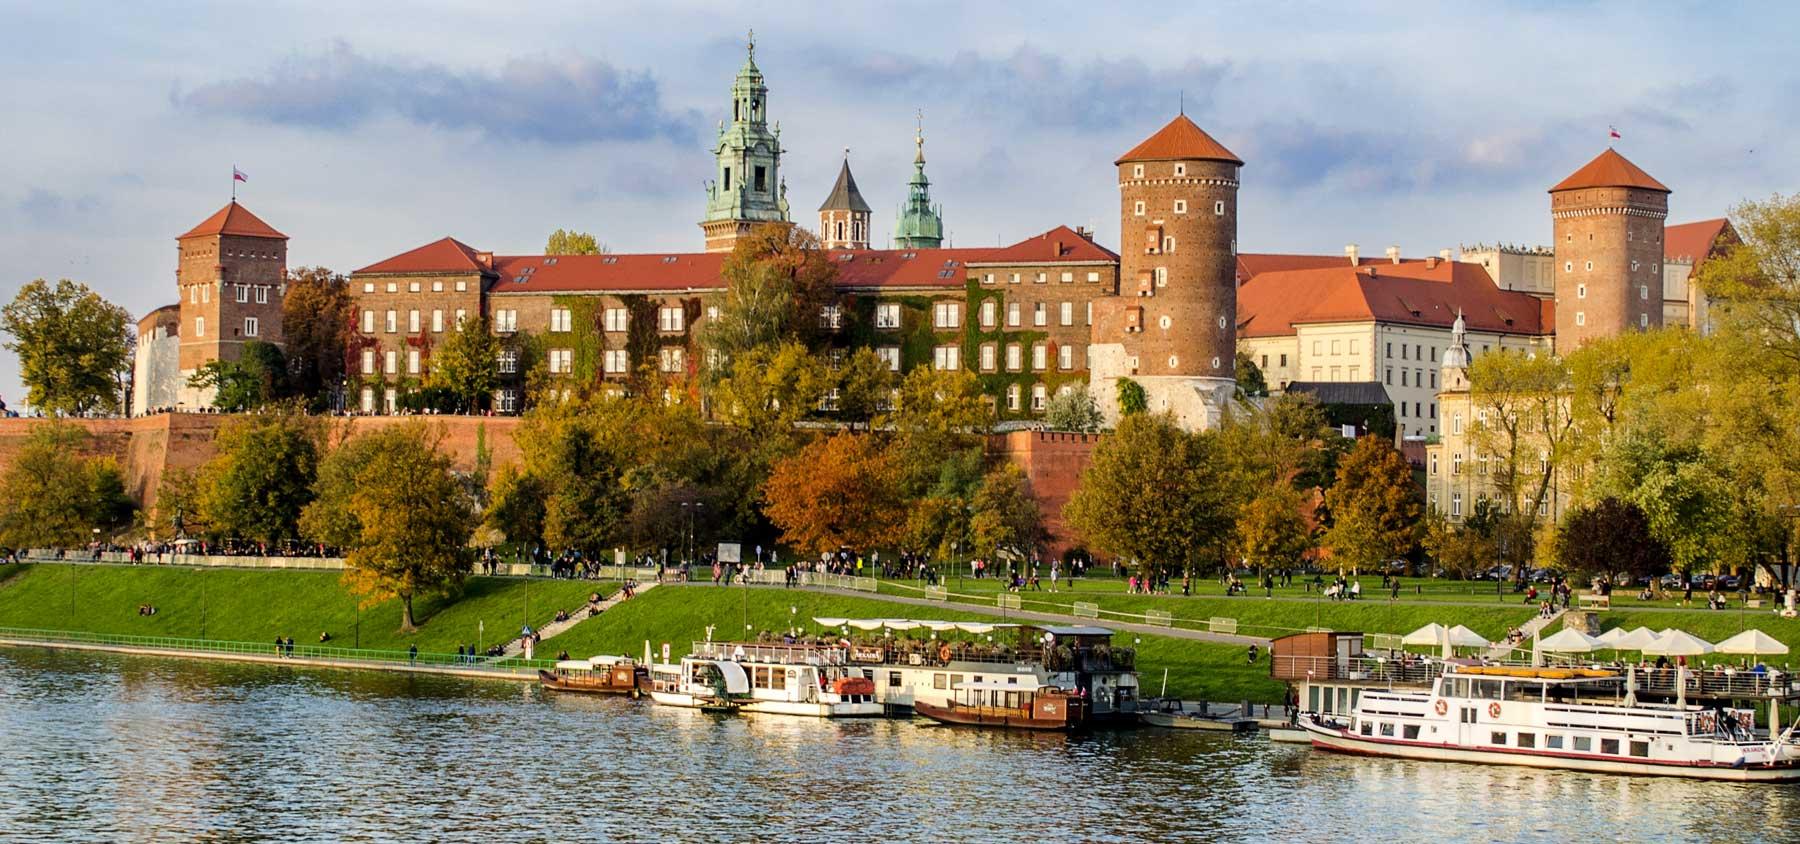 Tour i tesori della polonia 7 giorni da varsavia tptourama for Escursione auschwitz e miniere di sale lingua italiana